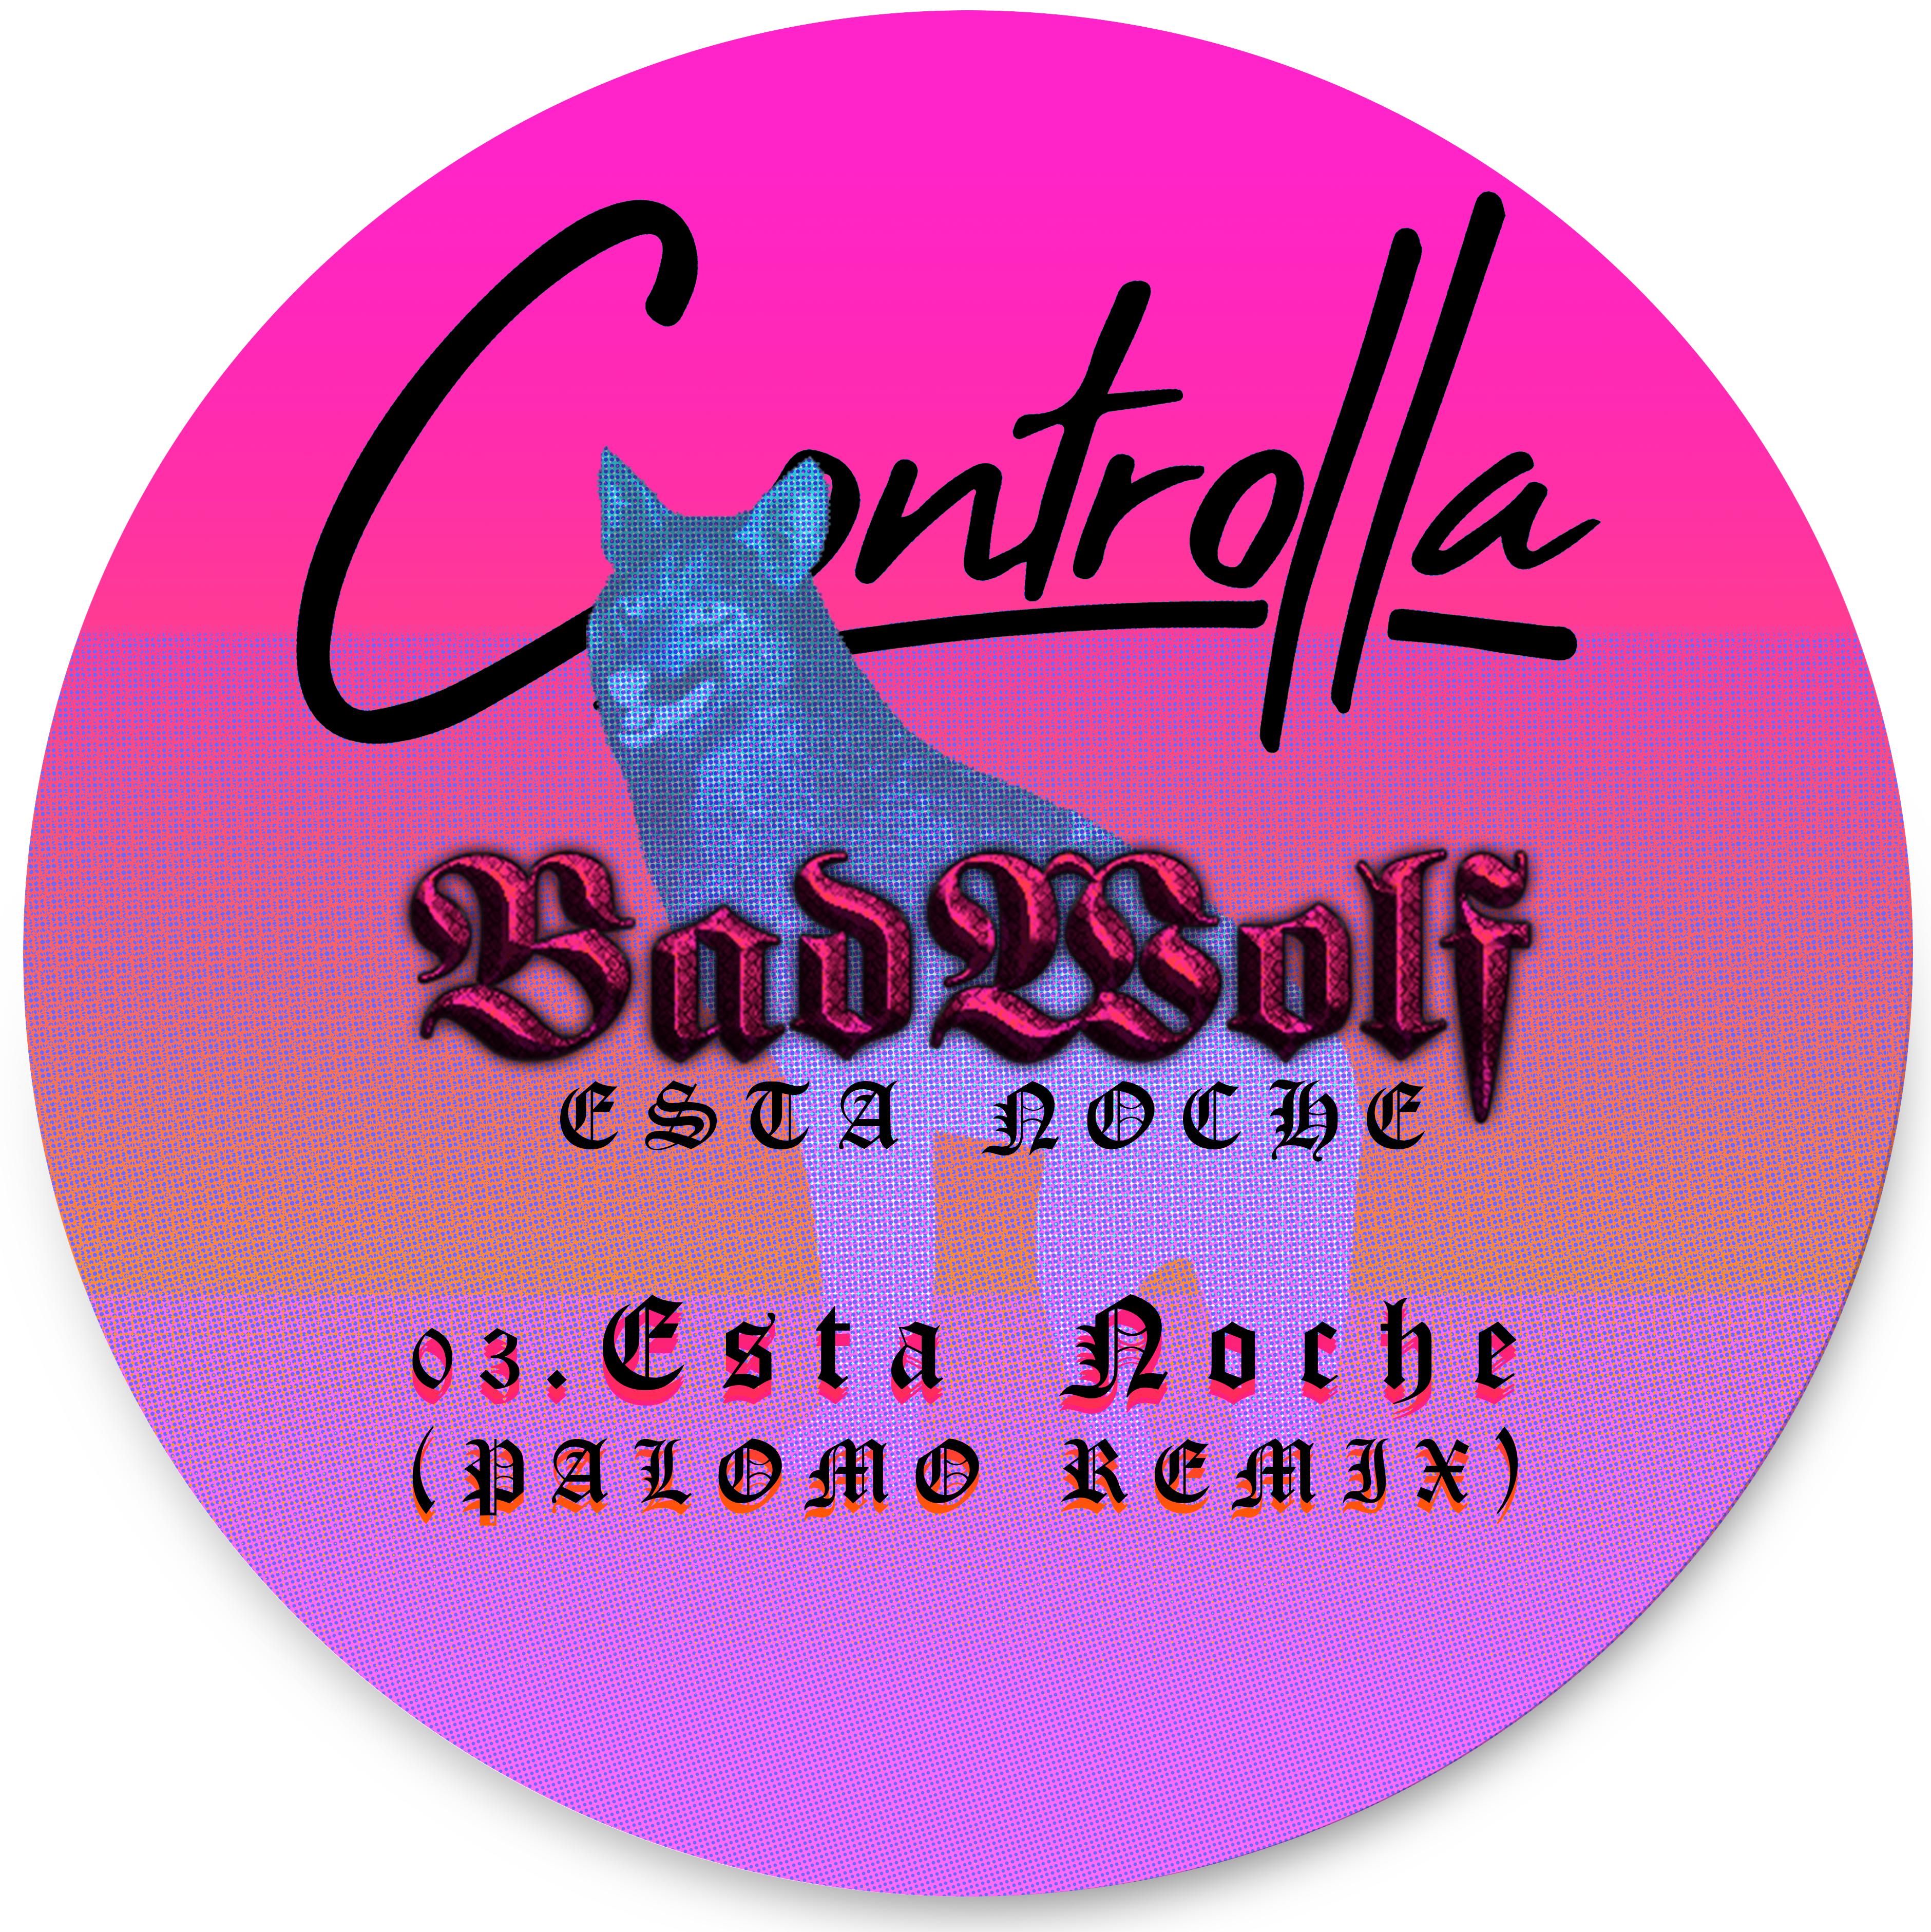 PREMIERE: Bad Wolf - Esta Noche (Palomo Remix) [Controlla] (2018)